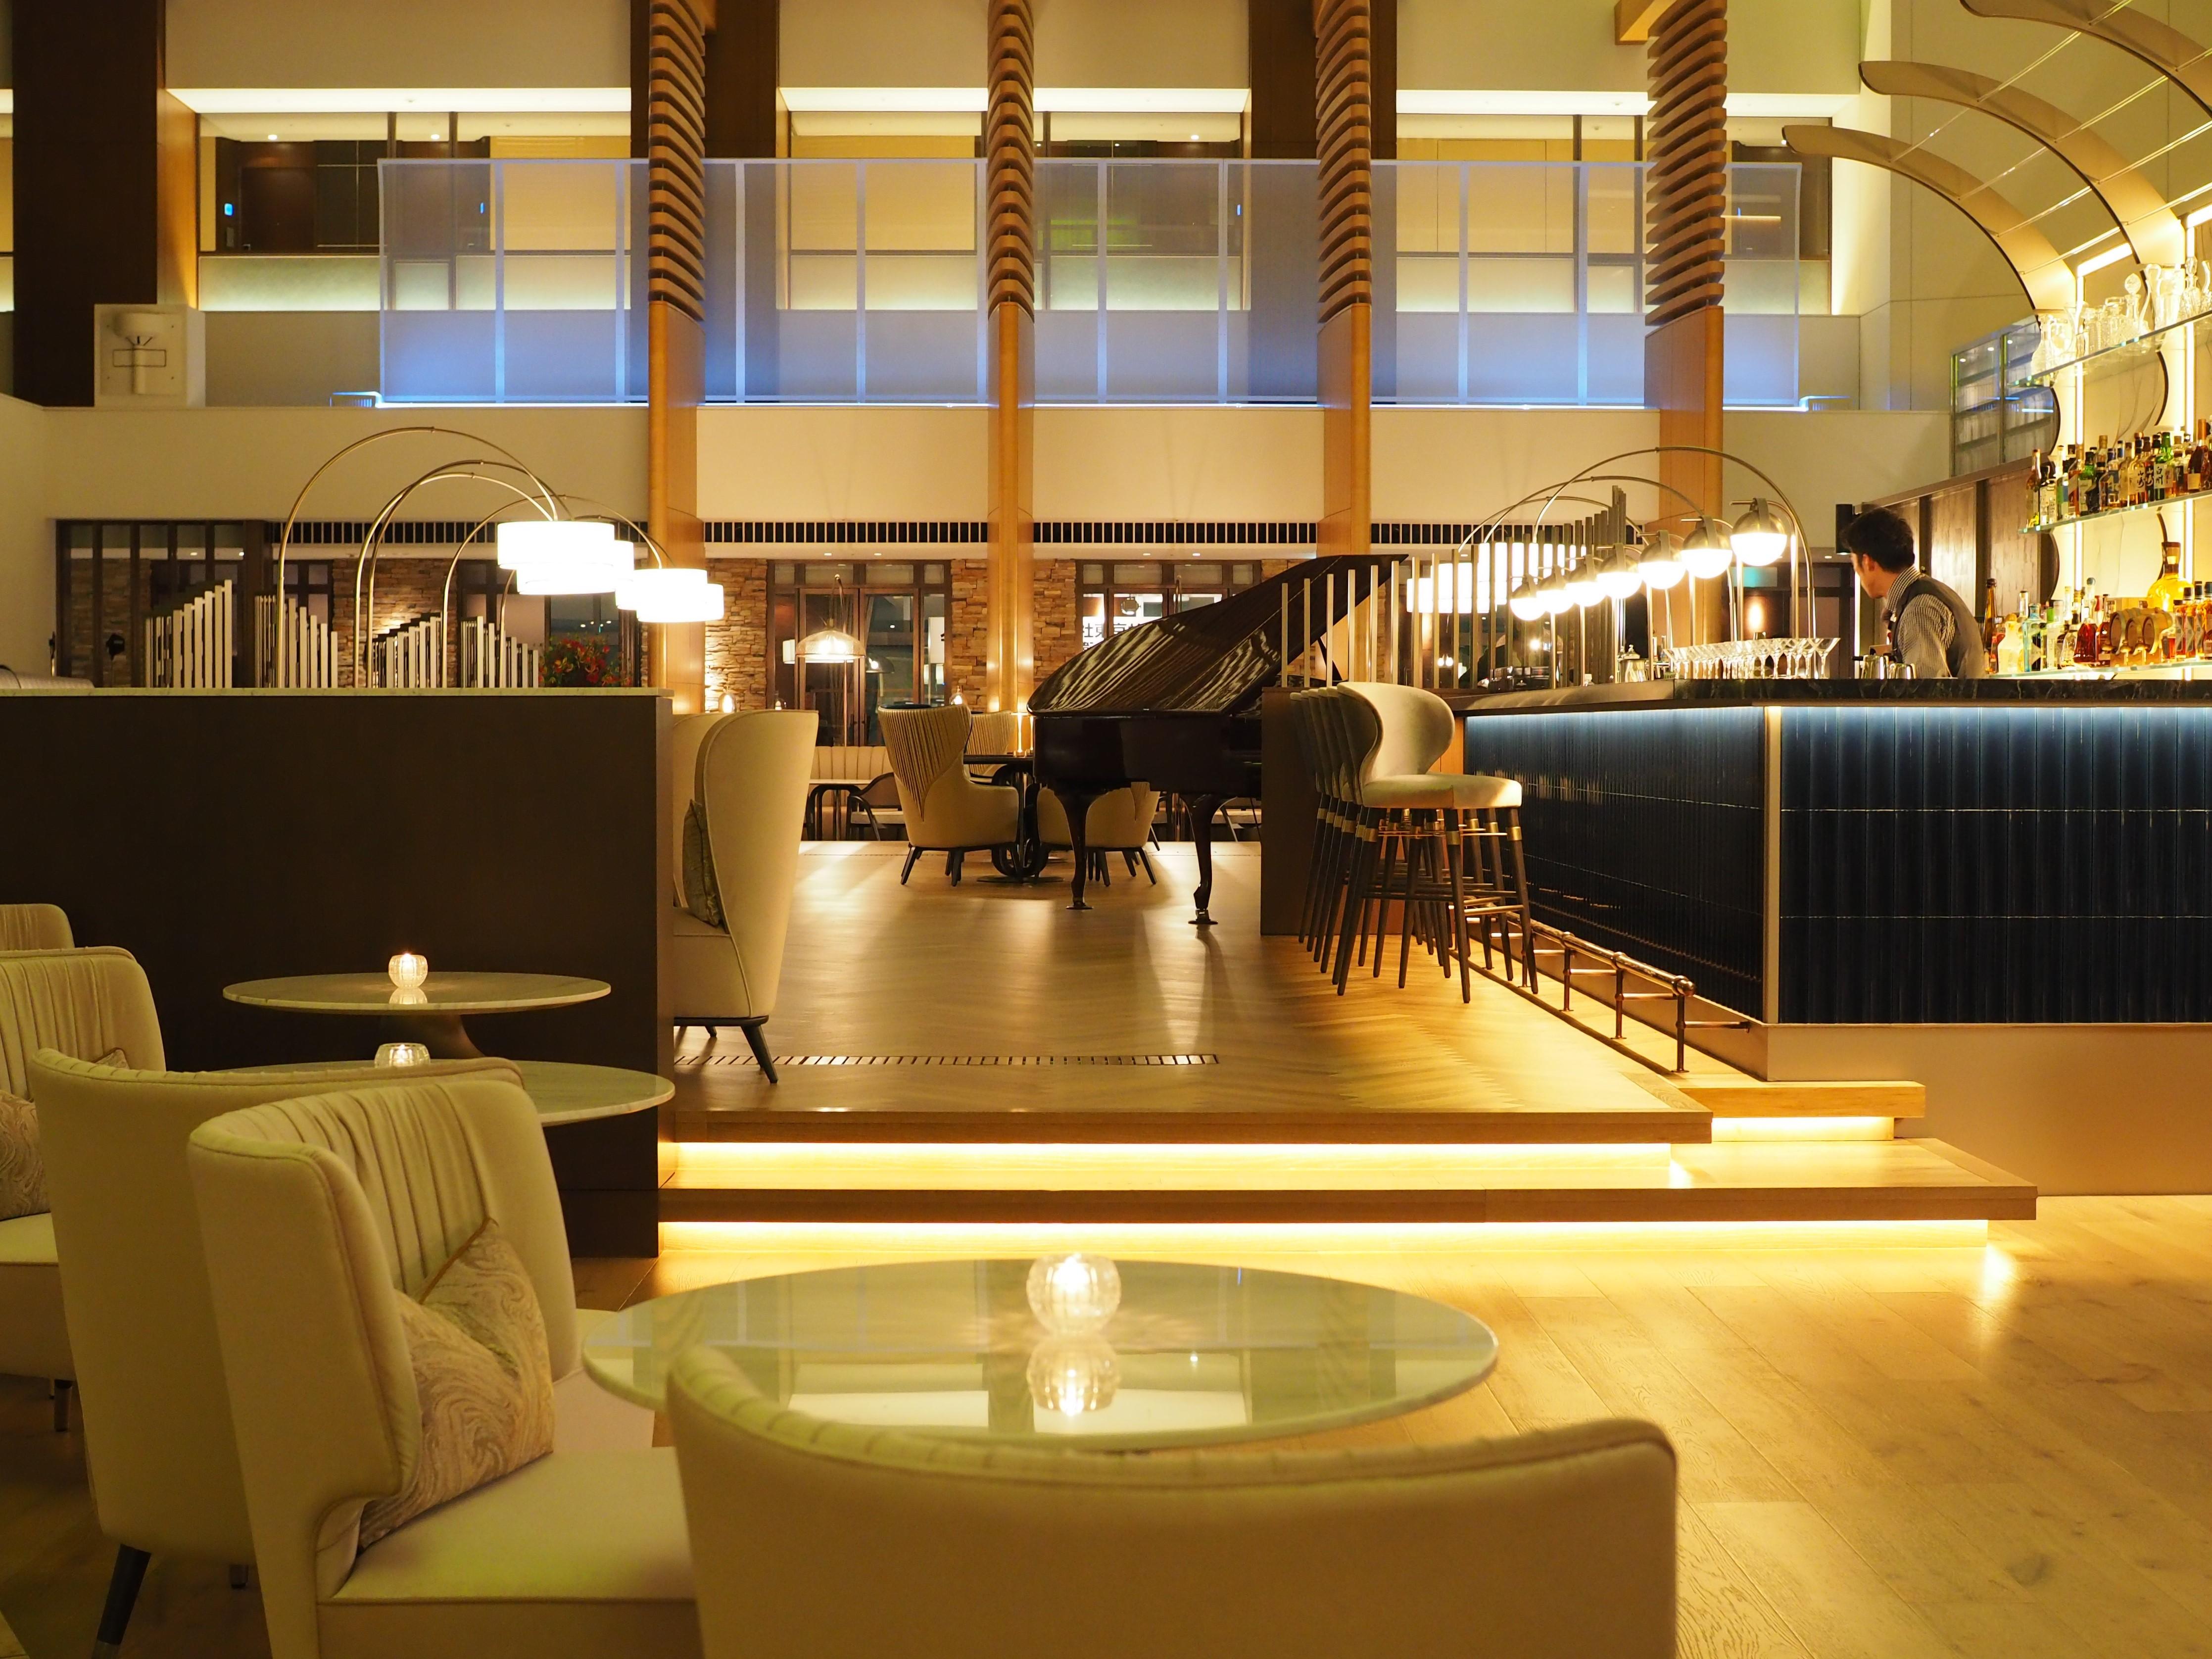 東京の音色が集まる場所へ!生まれ変わった品川の「ストリングスホテル東京インターコンチネンタル」